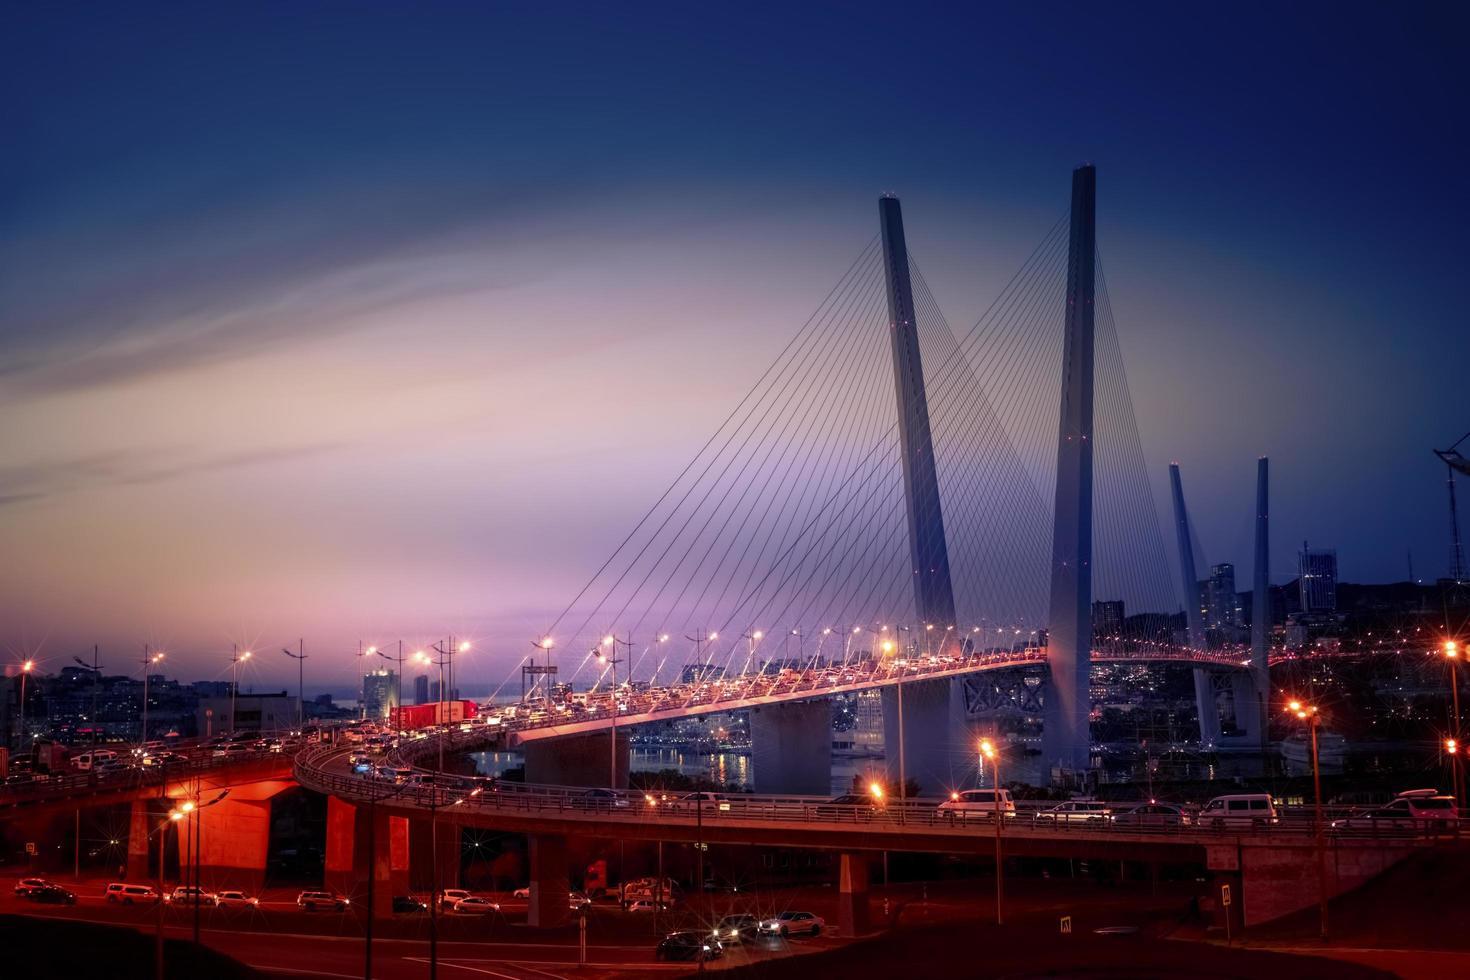 Paisaje nocturno con puente zolotoy en vladivostok, rusia foto